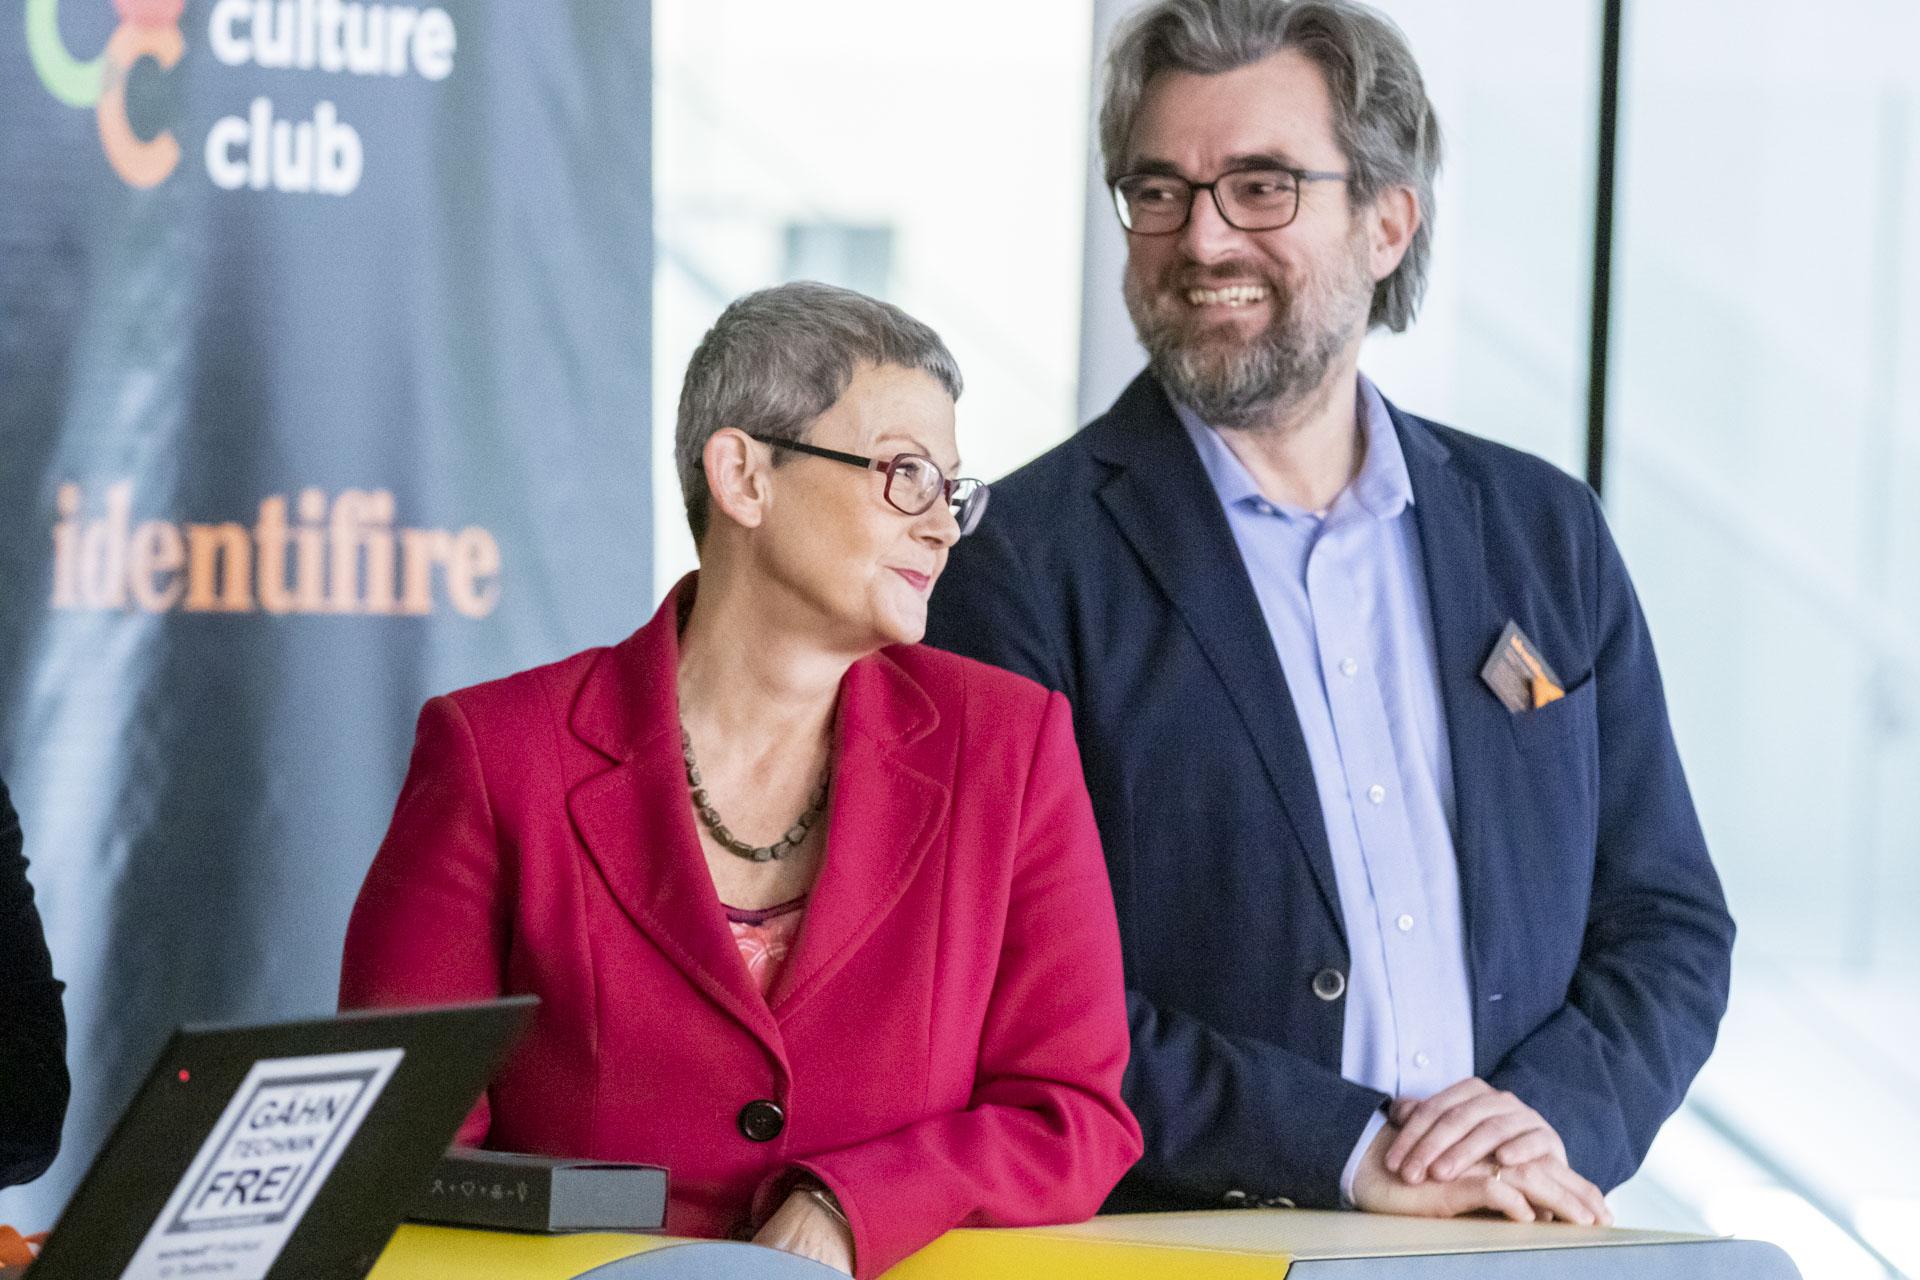 identifire corporate culture club mitglieder Irmgard Zirkler und Johannes Angerer